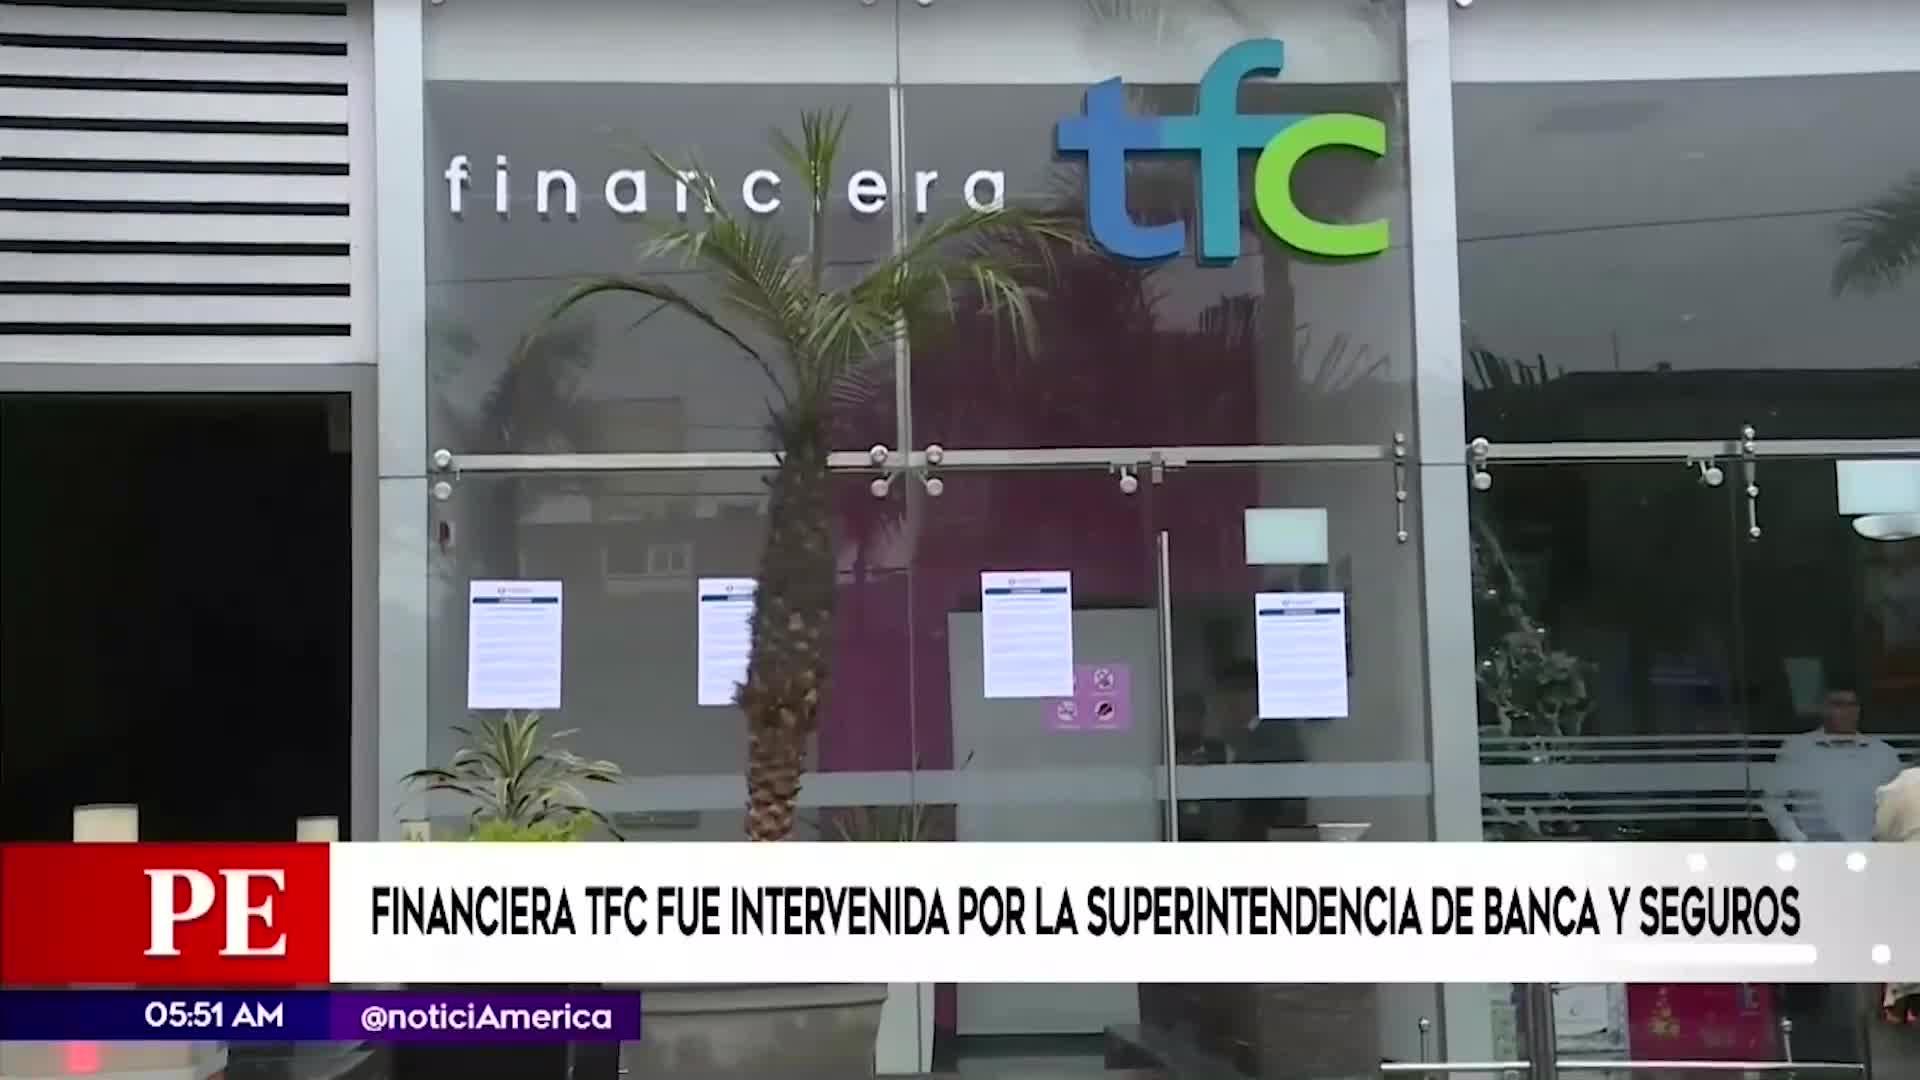 Financiera TFC cerrará por intervención de la SBS y alista devoluciones a clientes